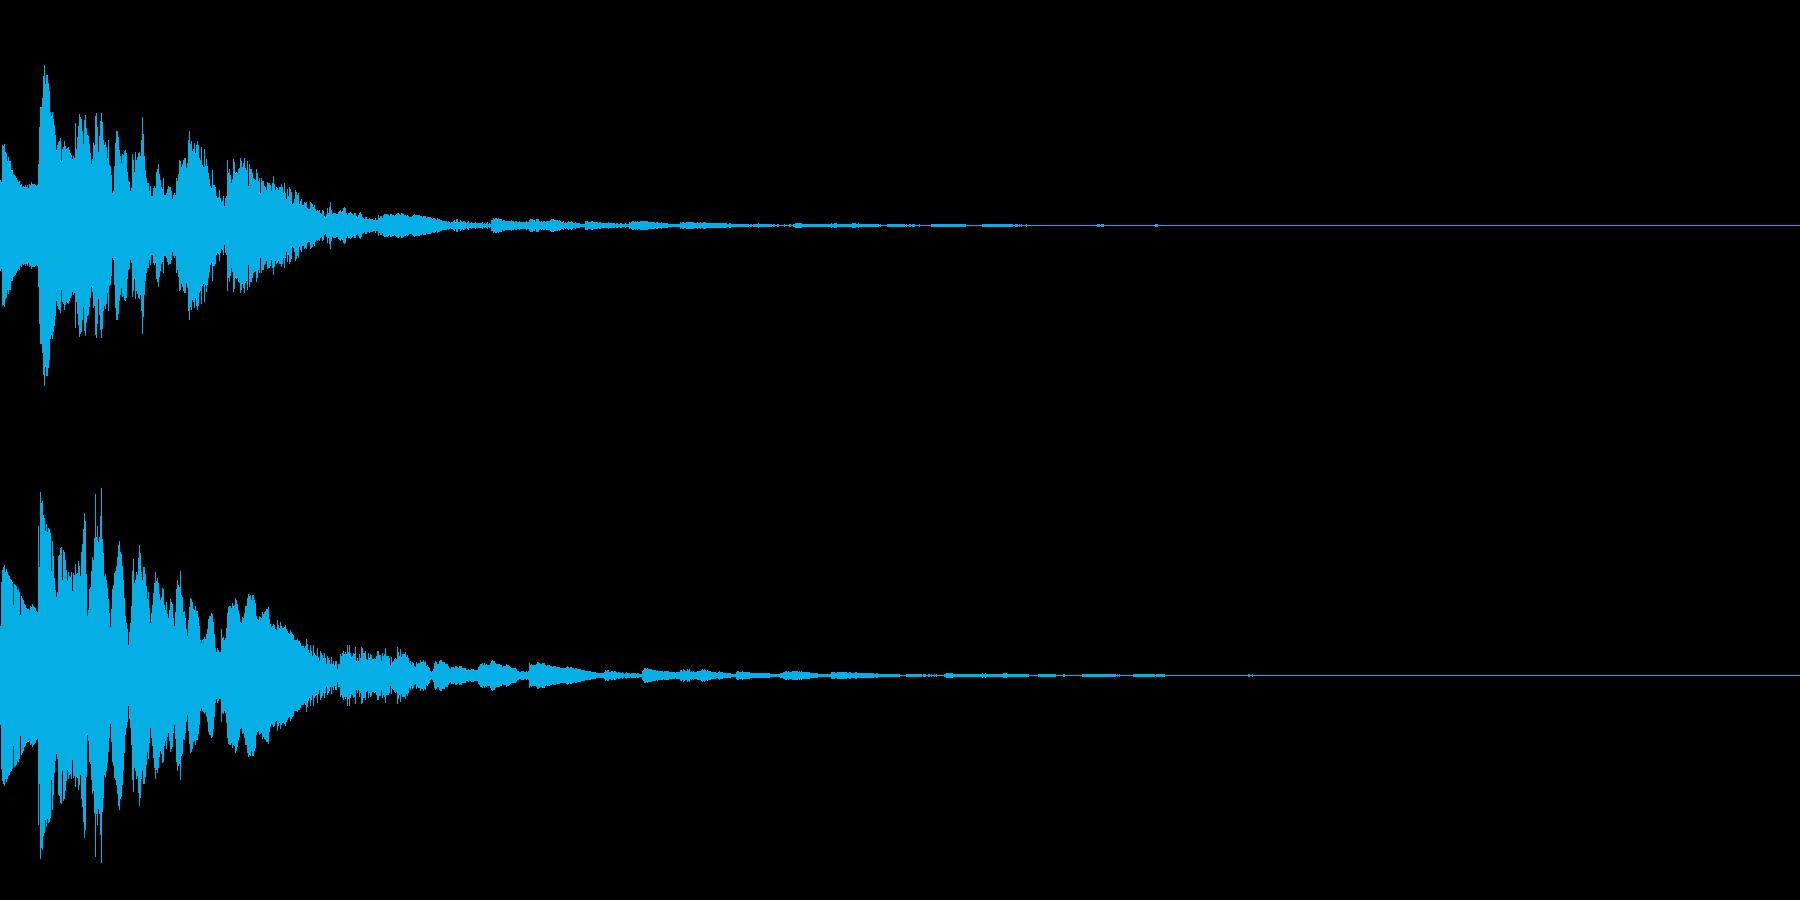 GameSFX ゲーム内の効果音 2の再生済みの波形